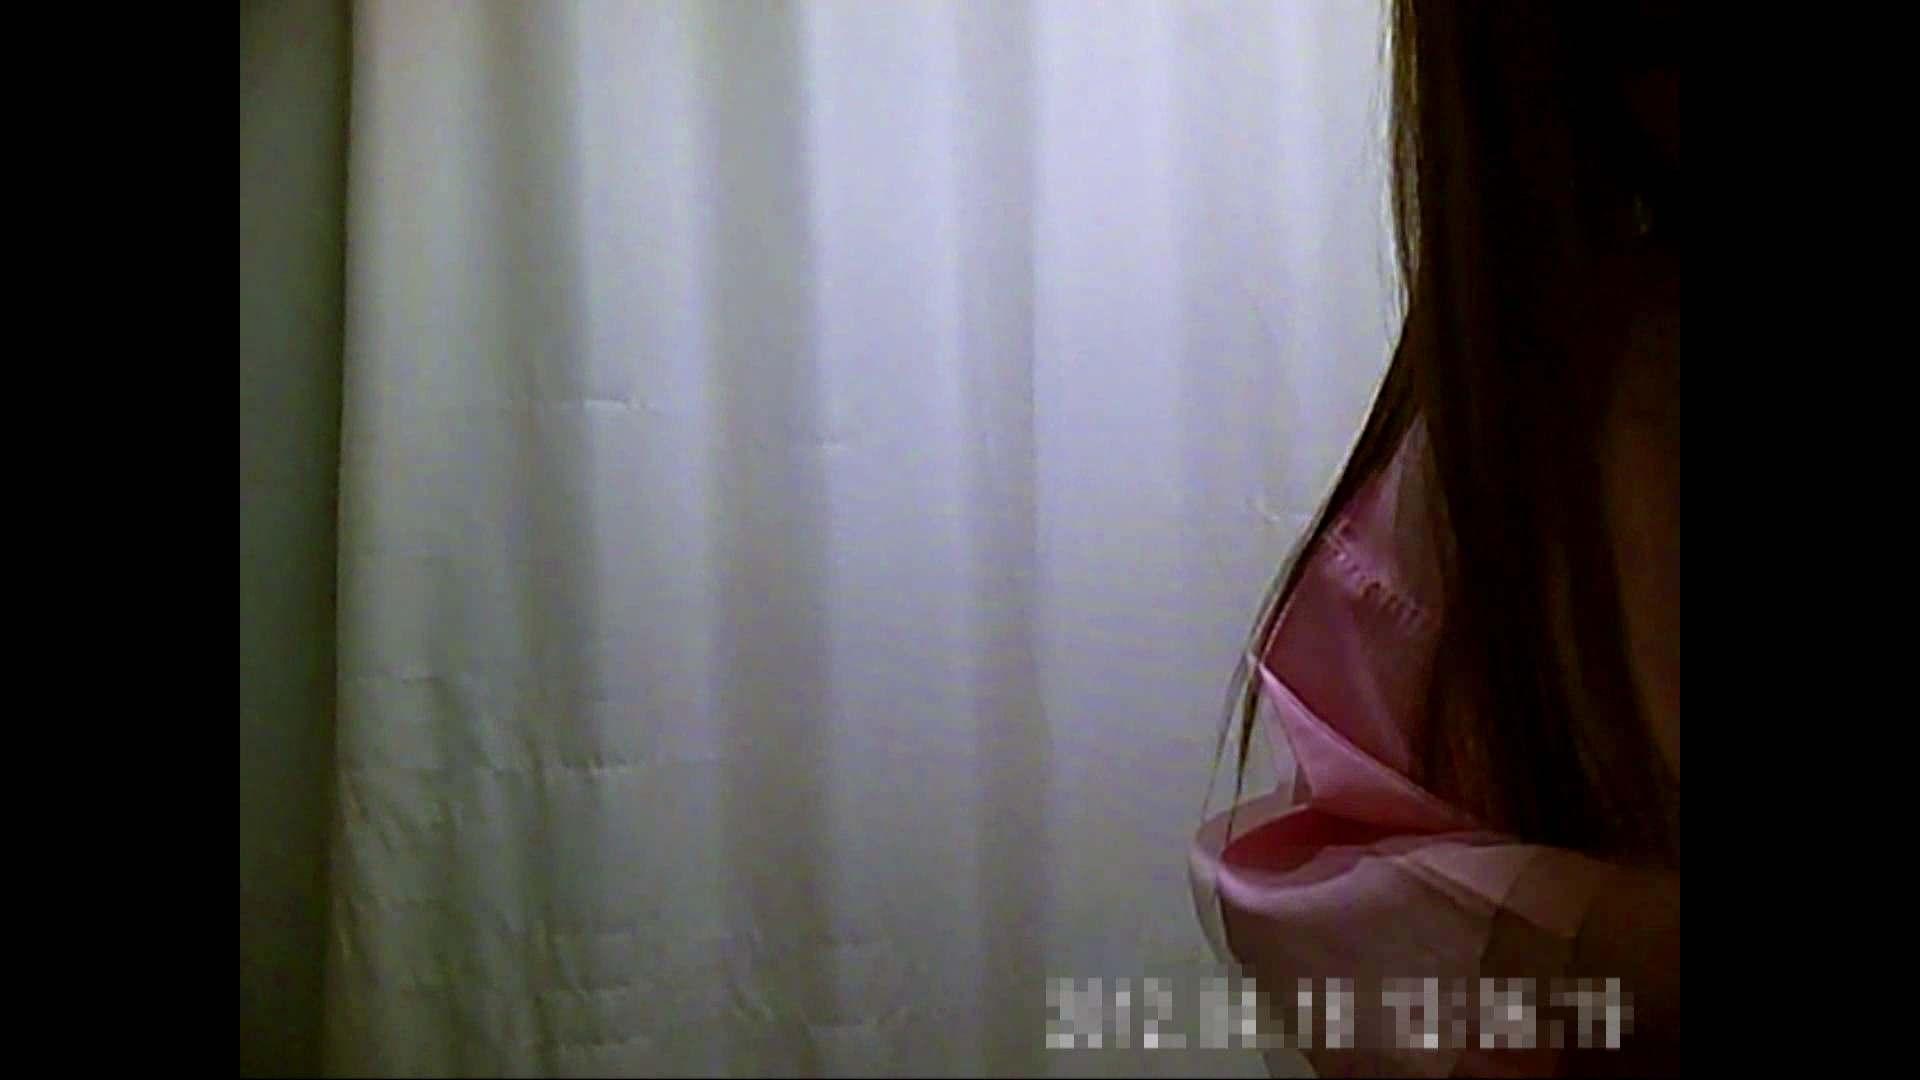 元医者による反抗 更衣室地獄絵巻 vol.015 ギャル攻め エロ画像 89画像 53